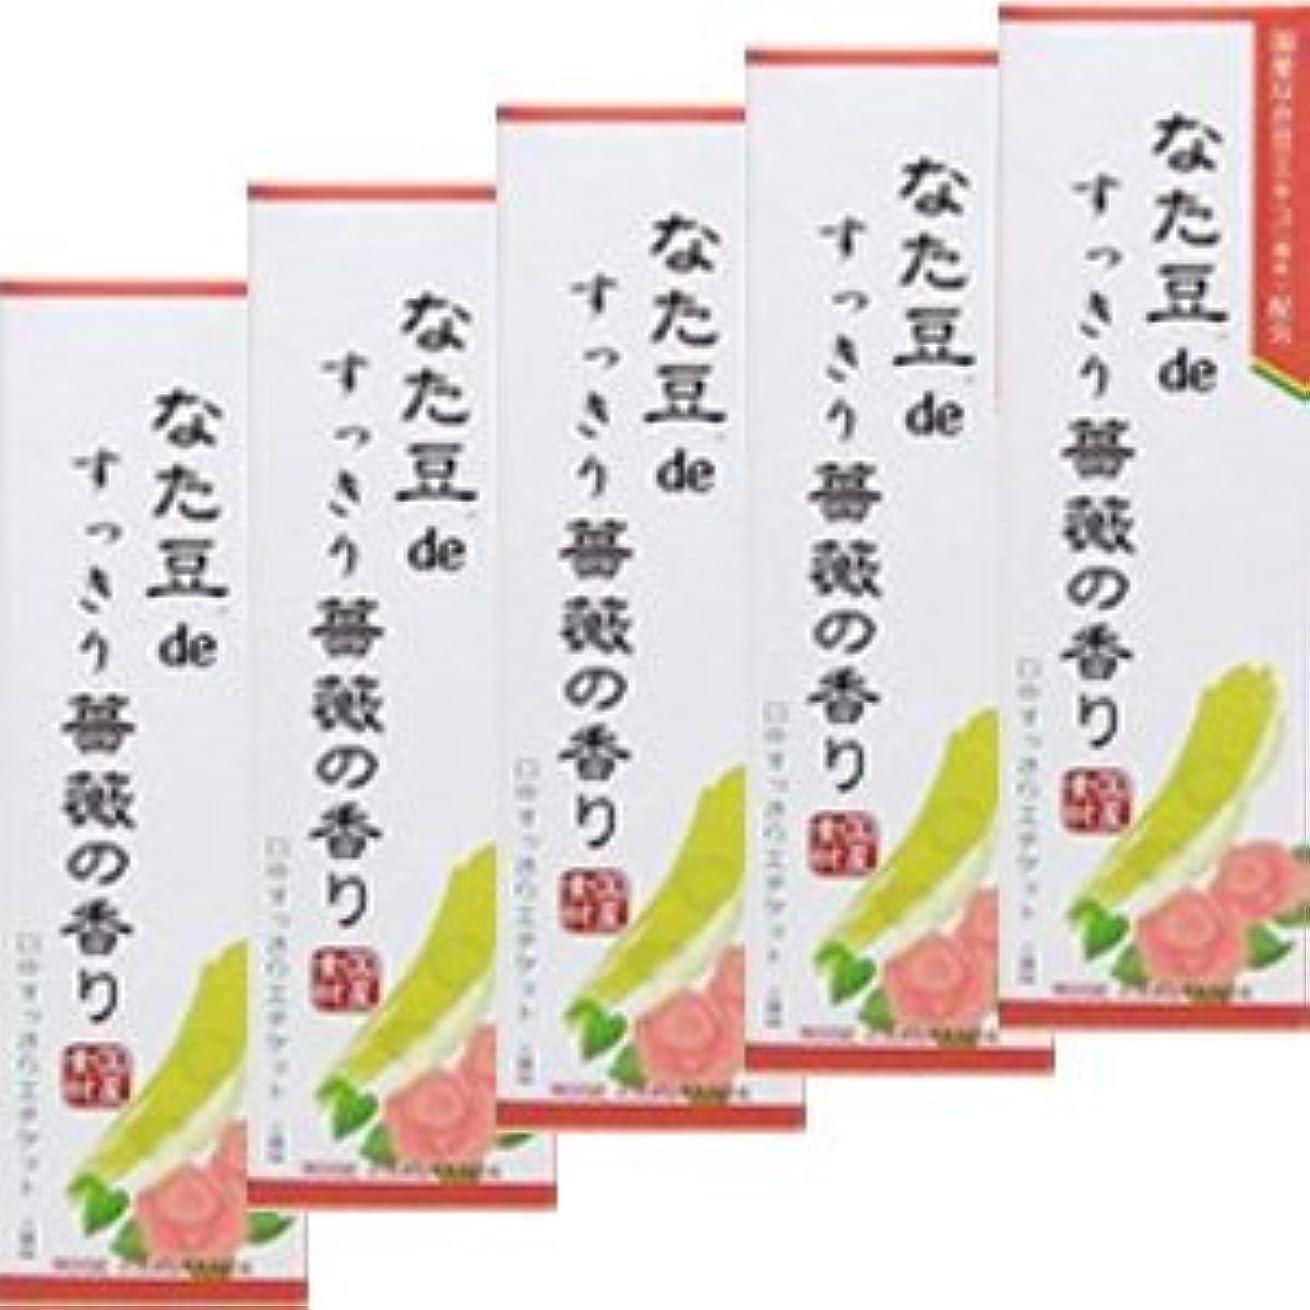 文庫本中国文法なた豆deすっきり薔薇の香り 120gx5個 (4543268071192)